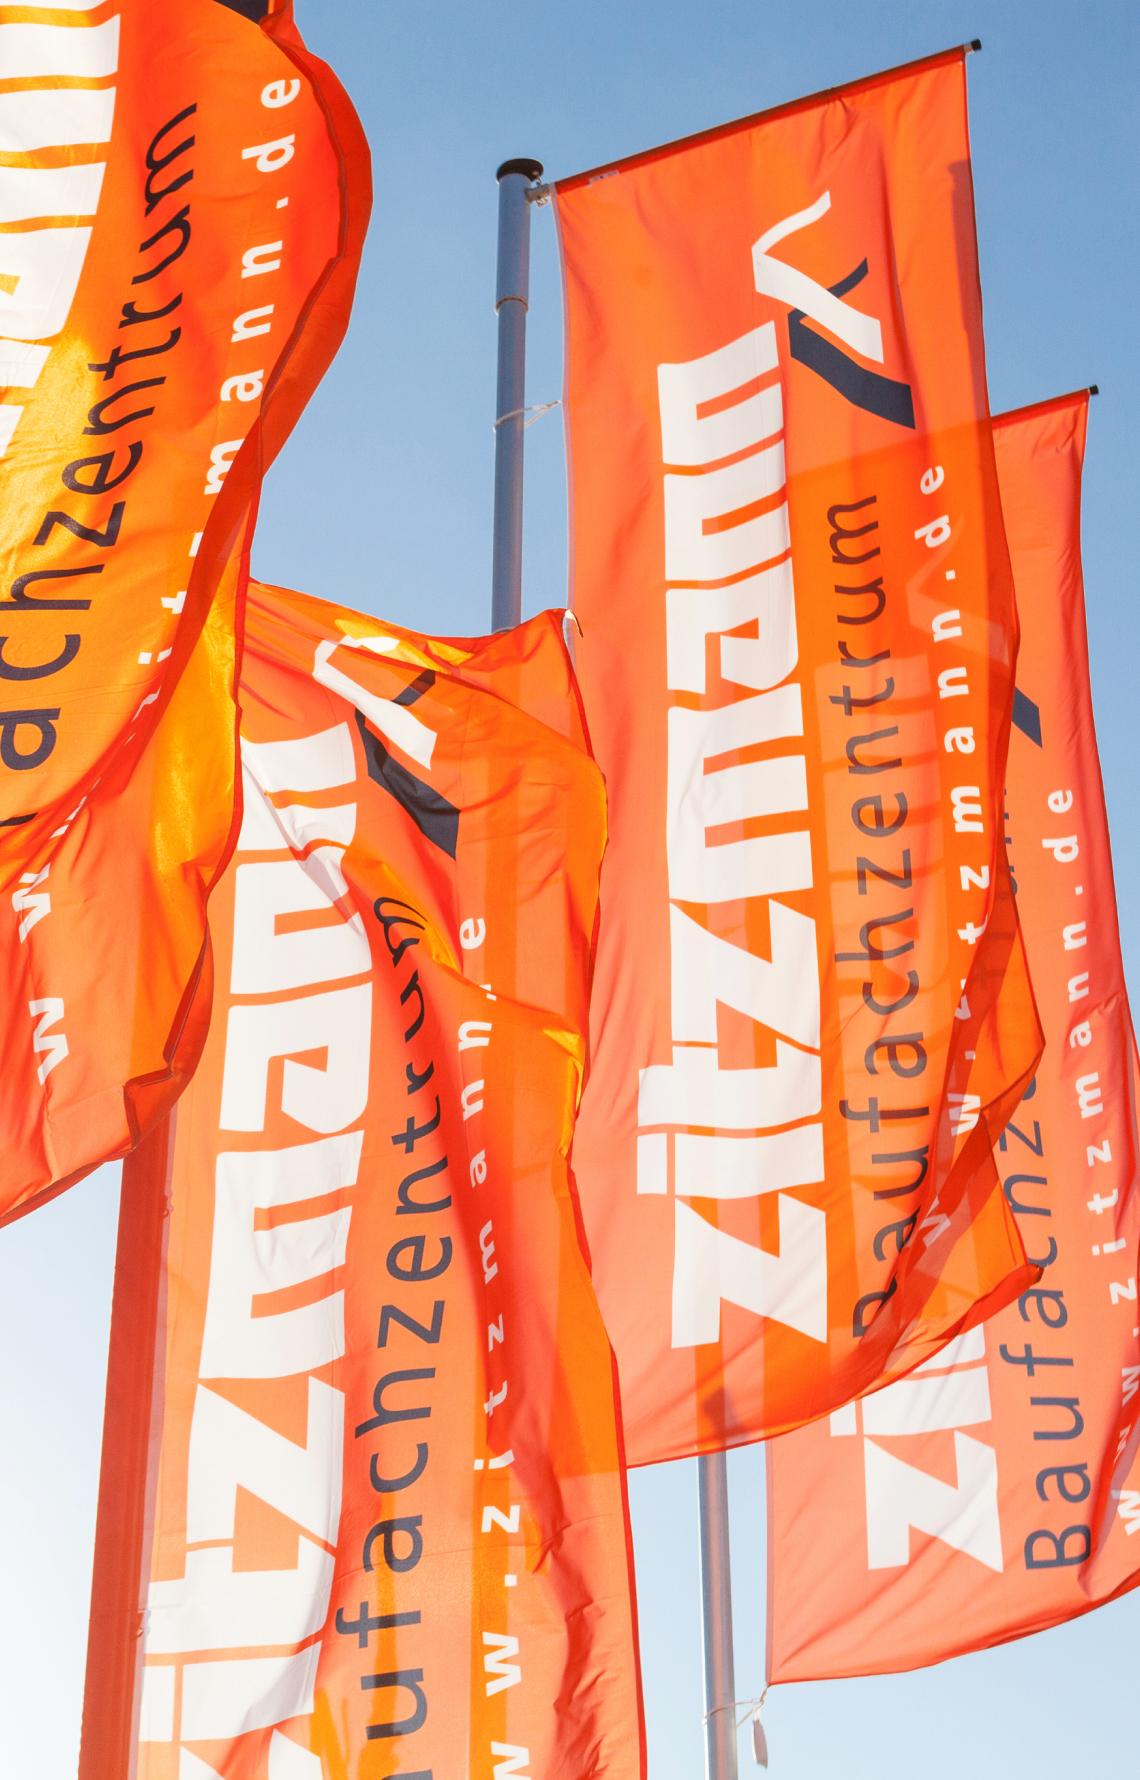 zitzmann_header